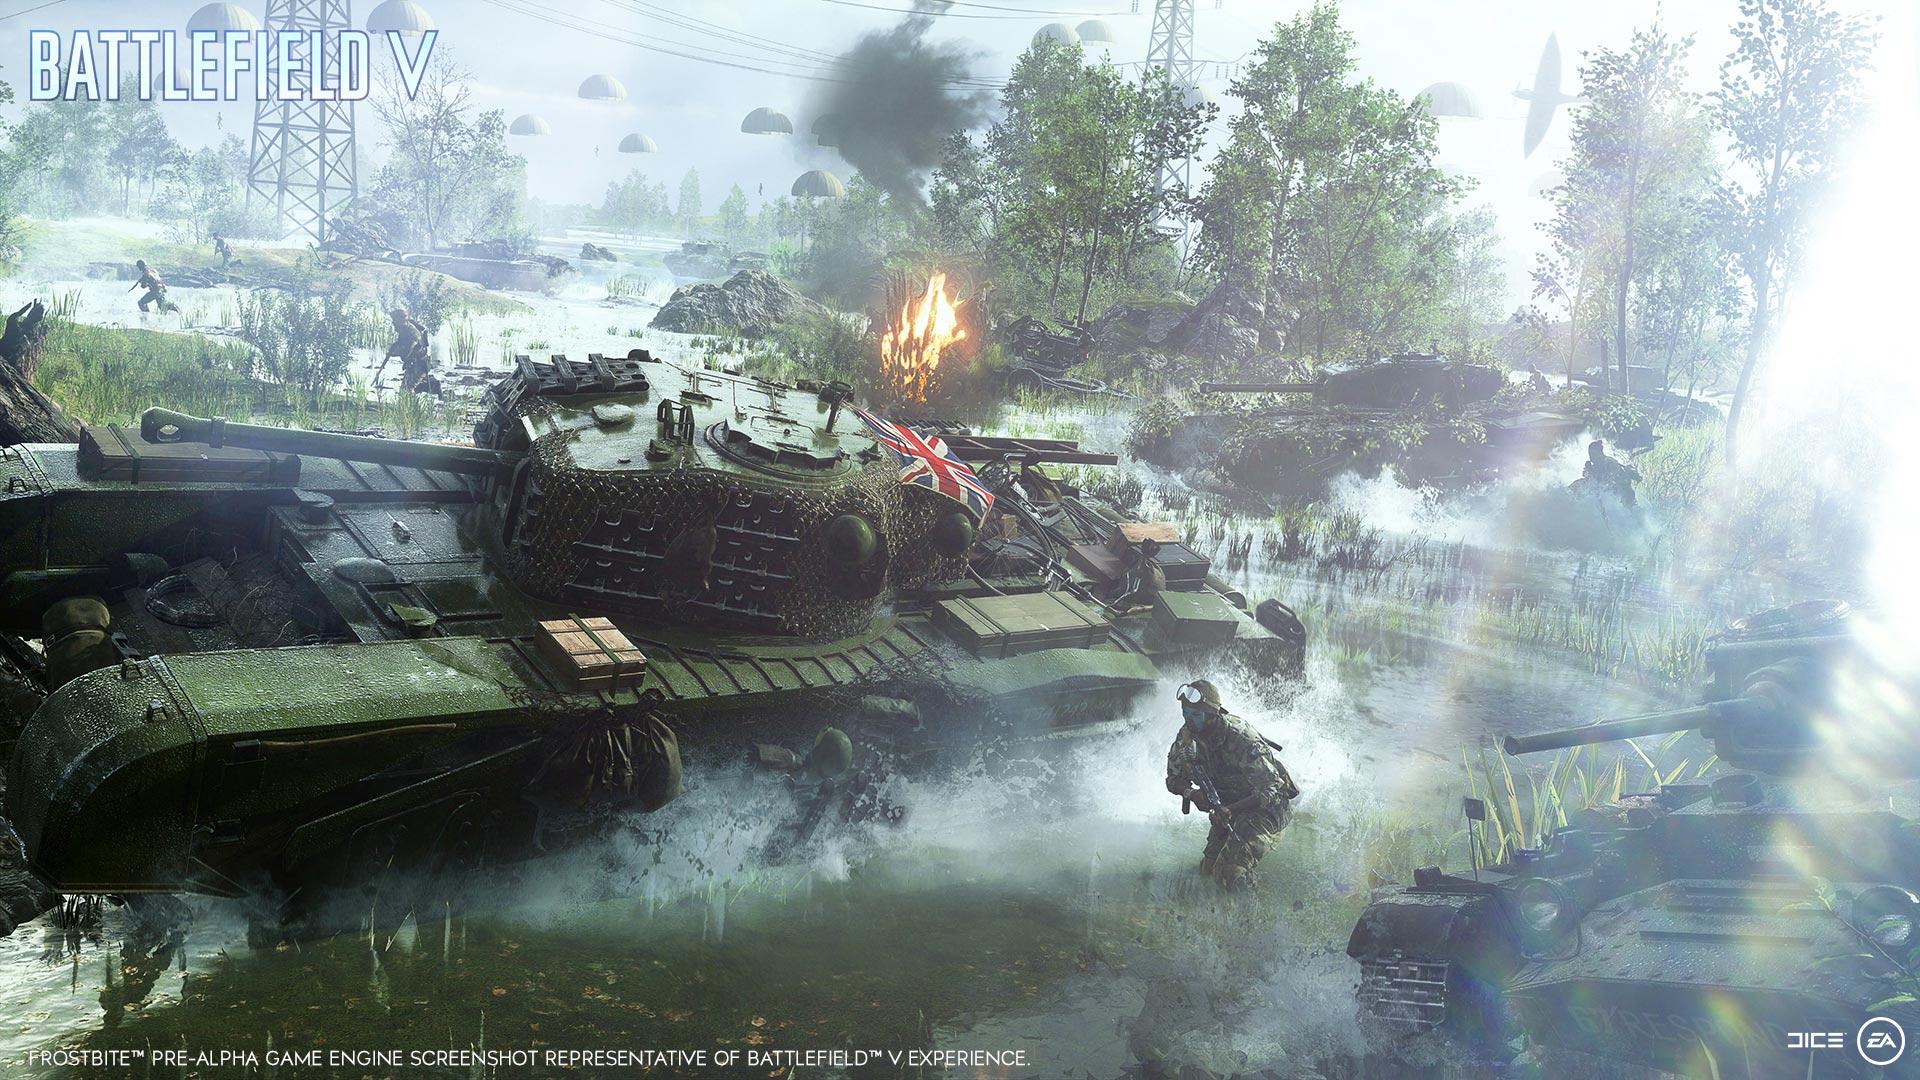 Battlefield V Reveal Trailer Blog Image 1